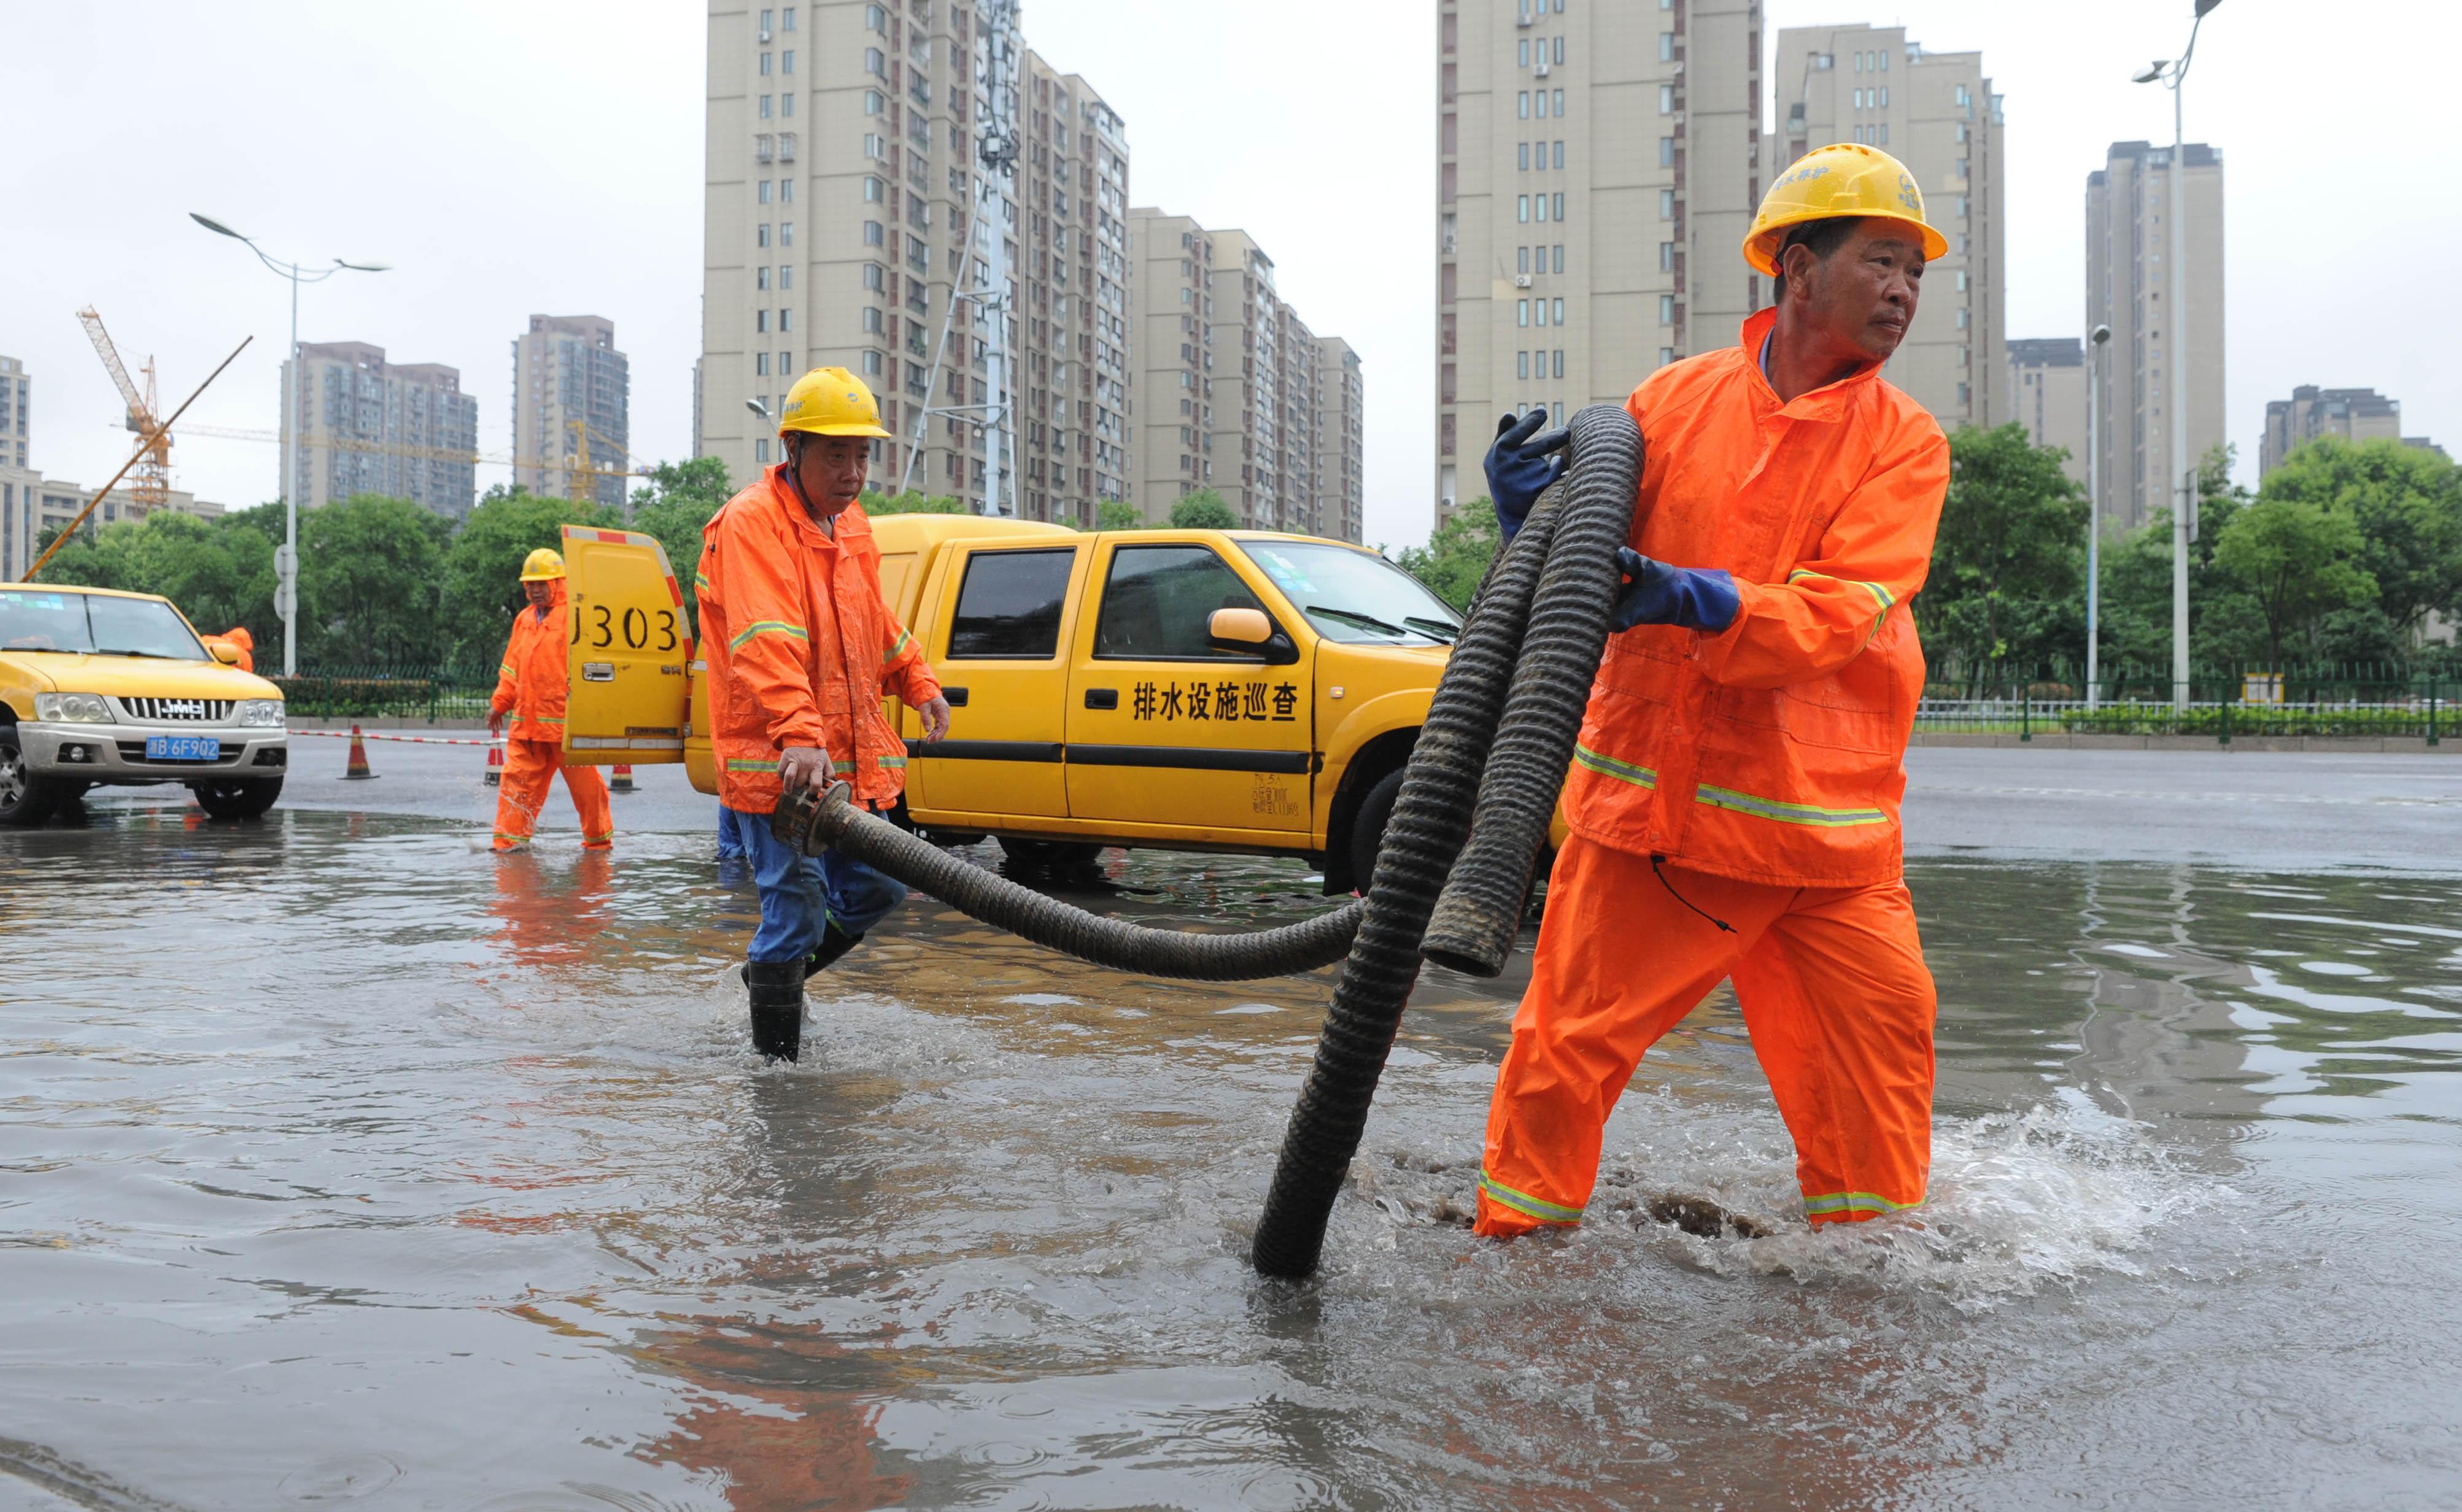 梅雨时节排水忙